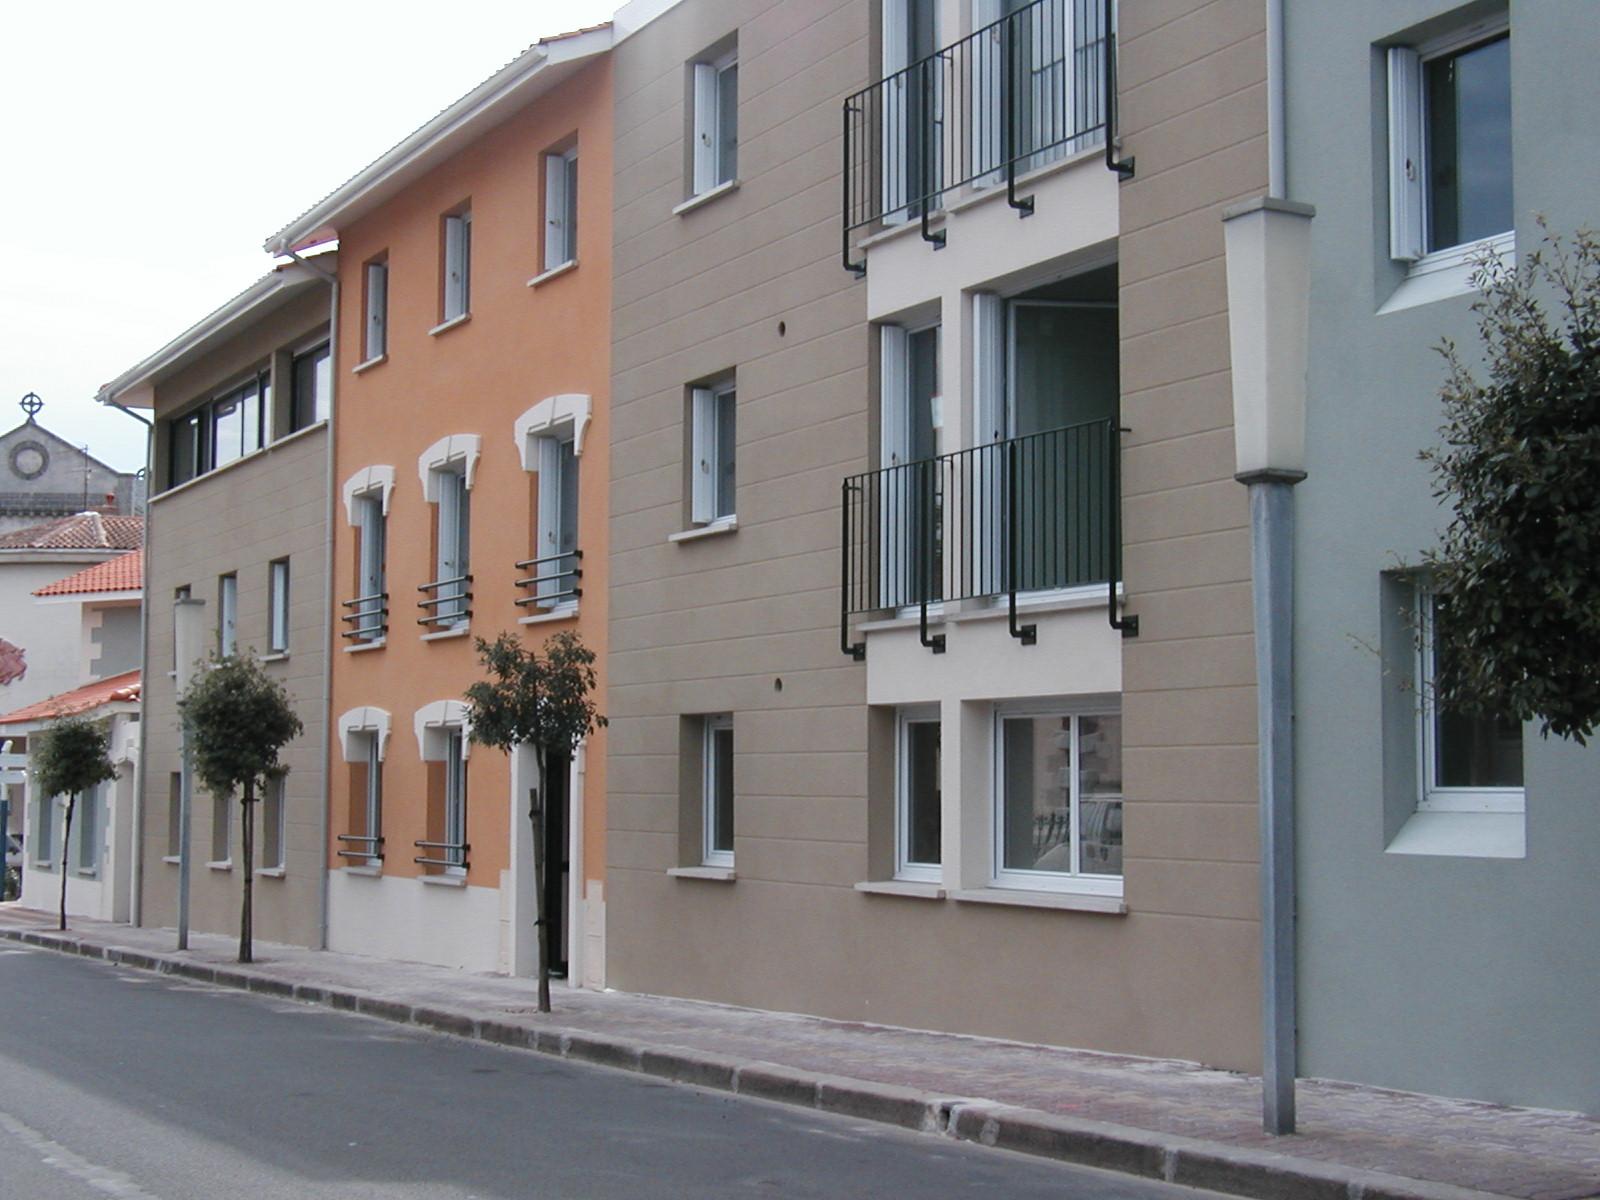 Paysage urbain-mise en couleur des façades-arch JP Touchard